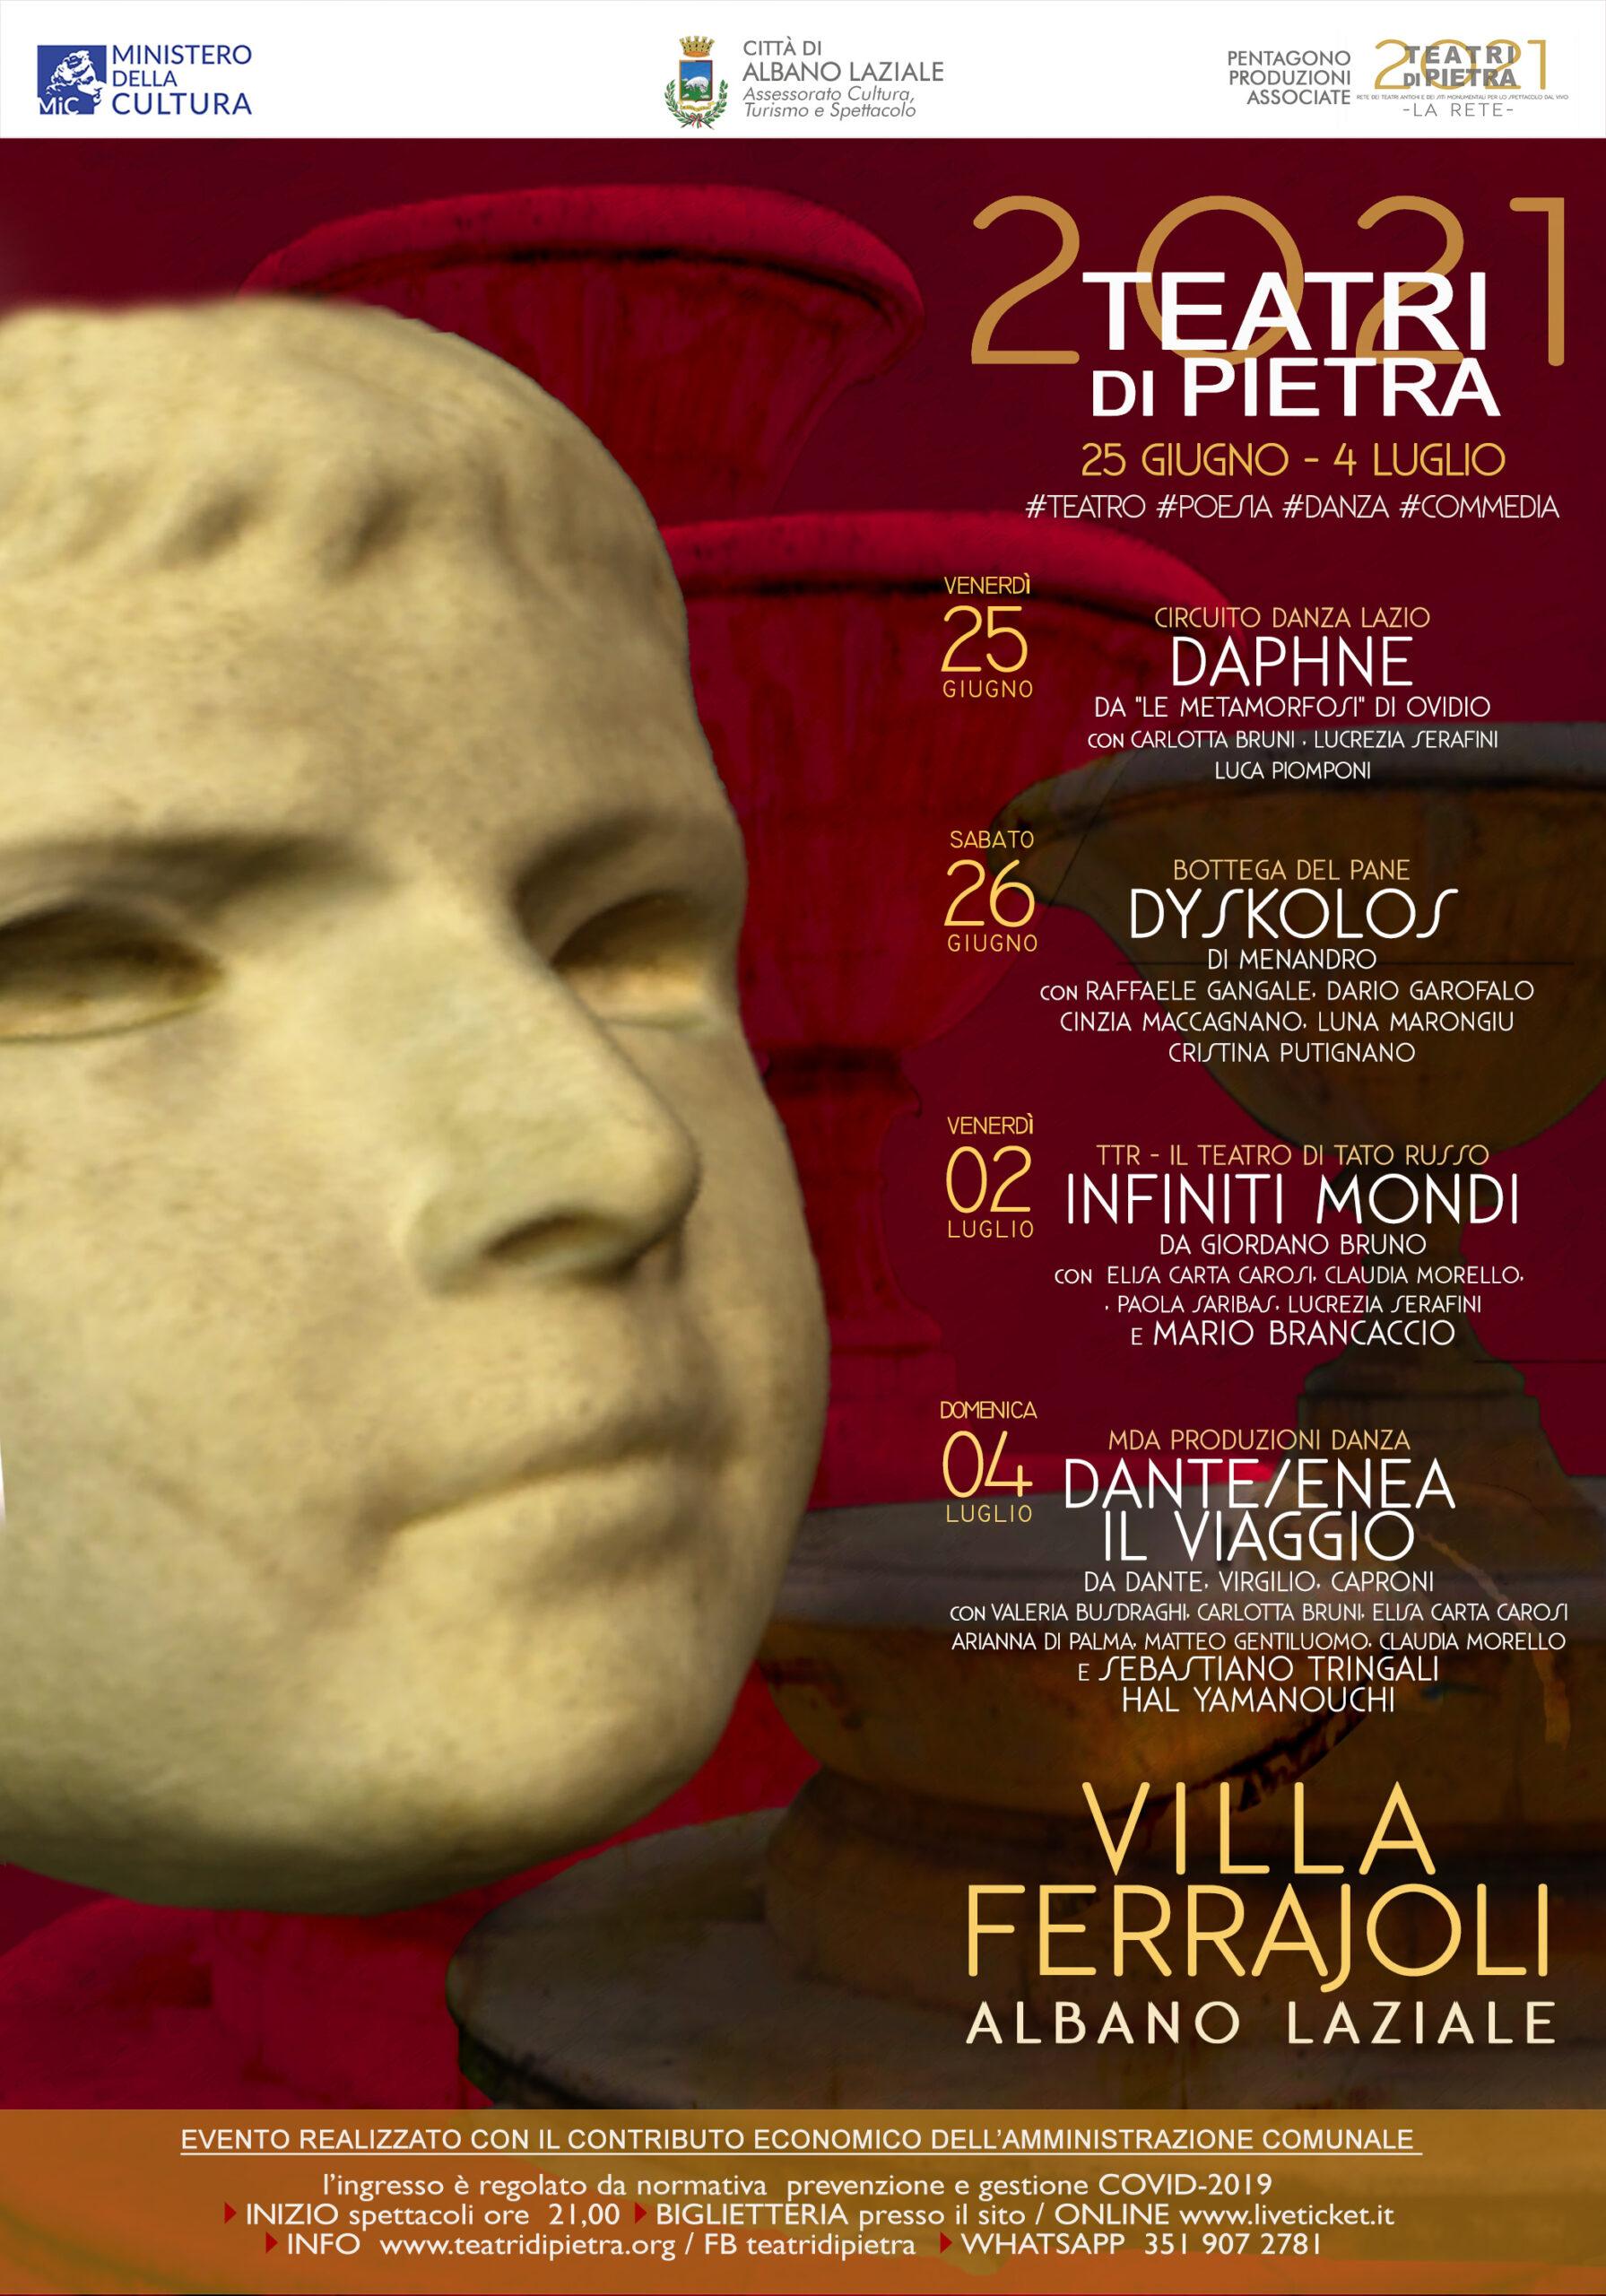 Albano, si inaugura il 25 Giugno la nuova stagione teatrale 2021